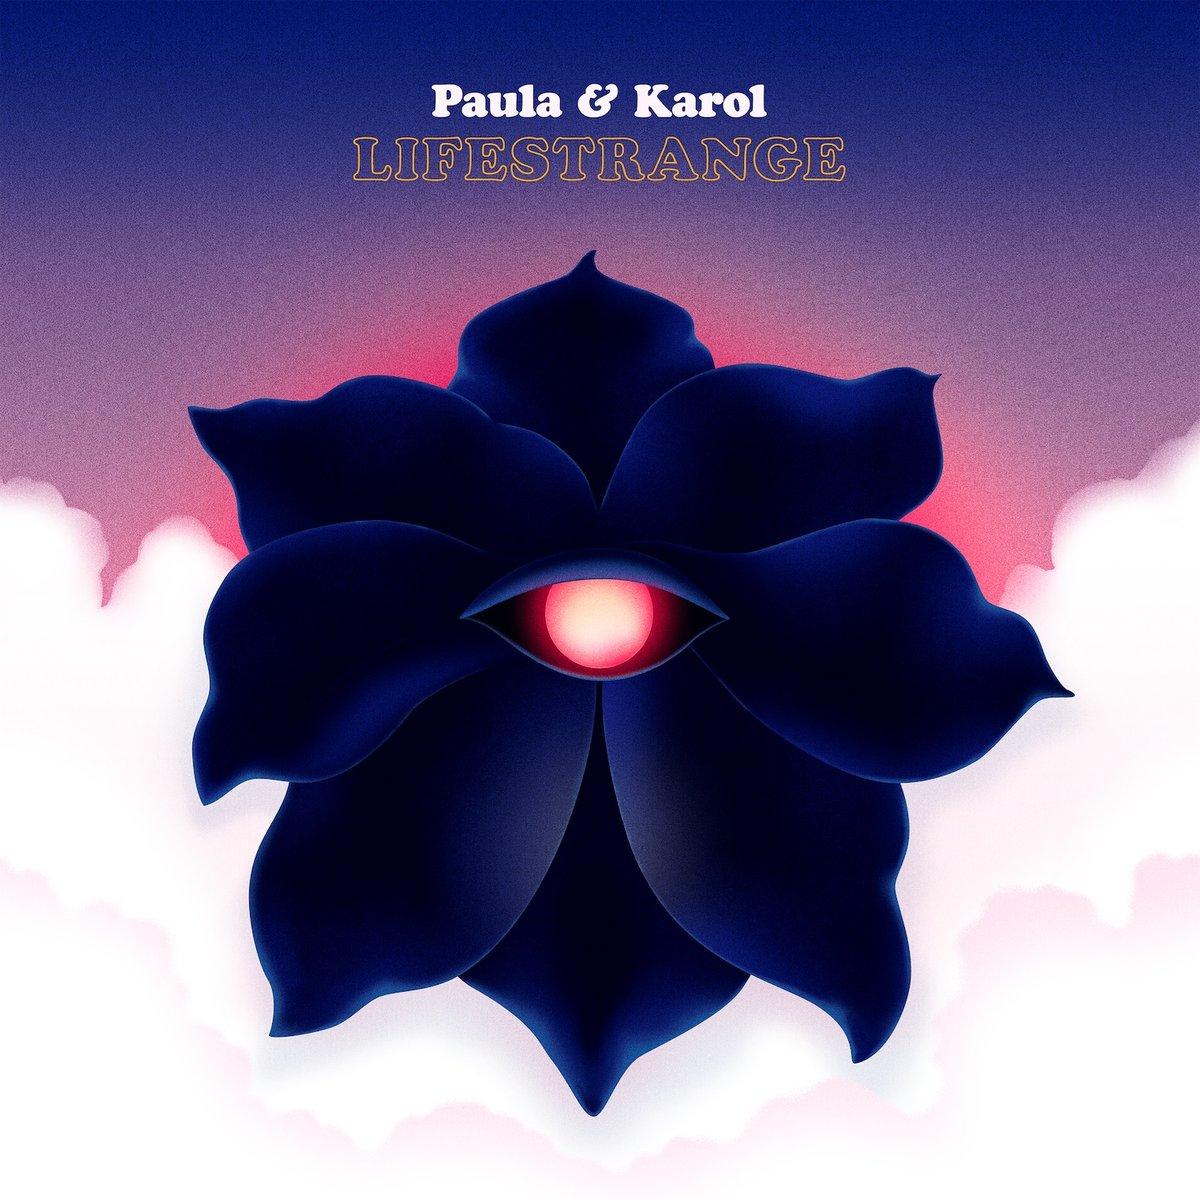 PAULA & KAROL – Lifestrange